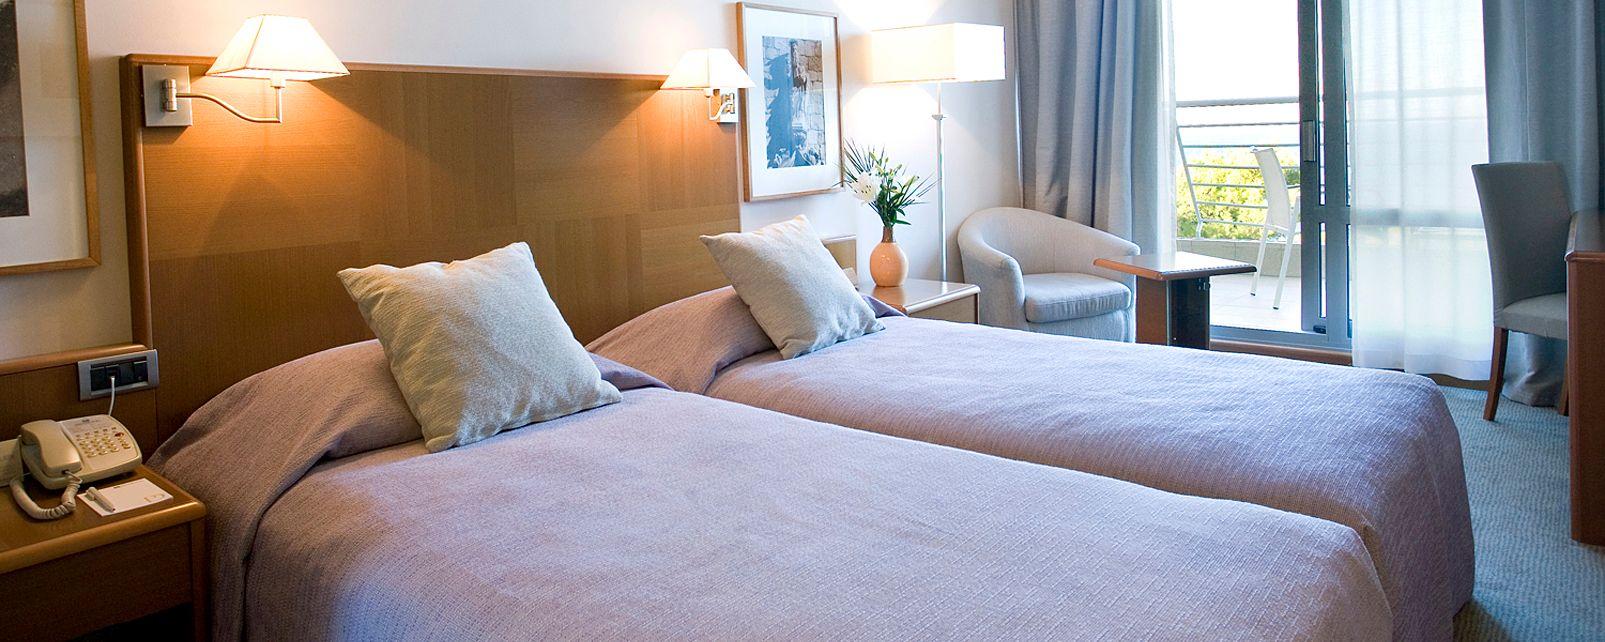 Hotel Bellevue Hotel